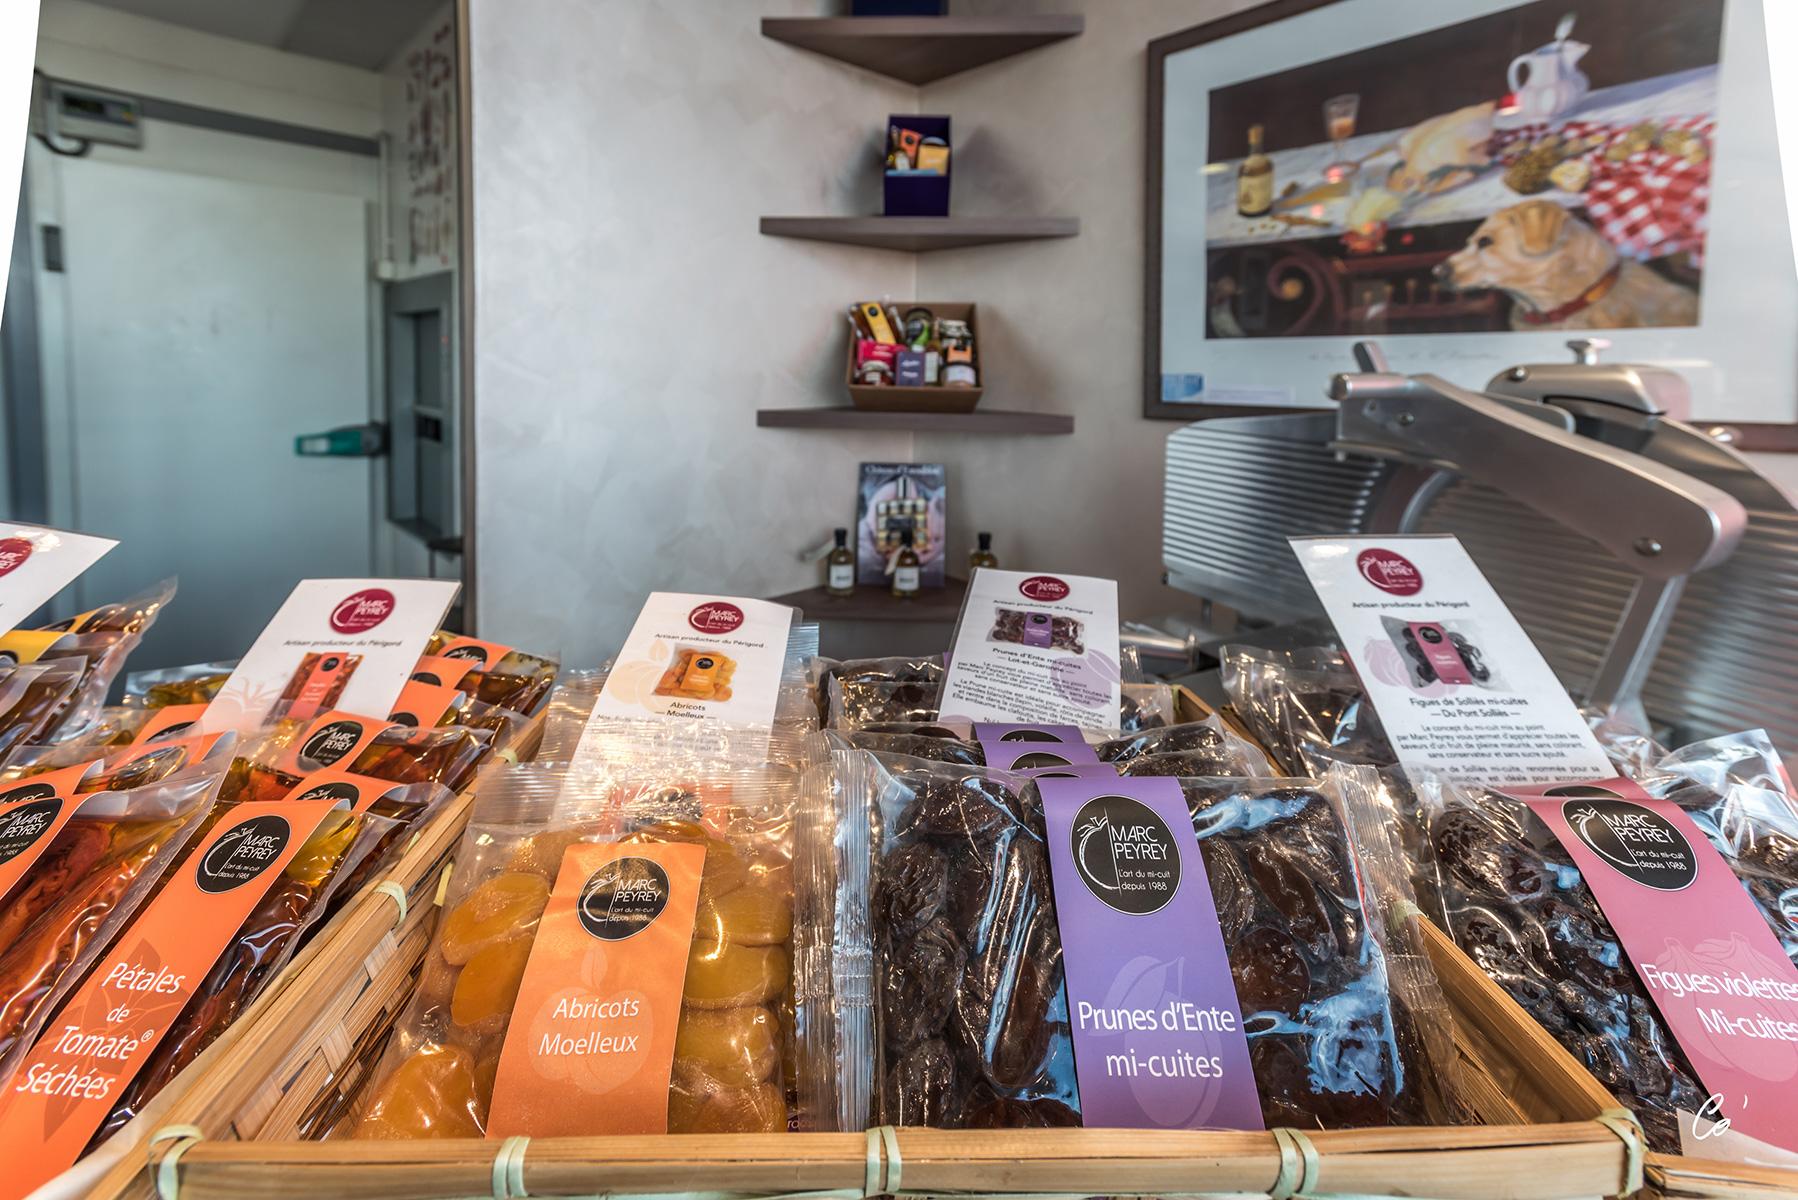 Le coq hardi bourg-en-bresse mieral épicerie fine